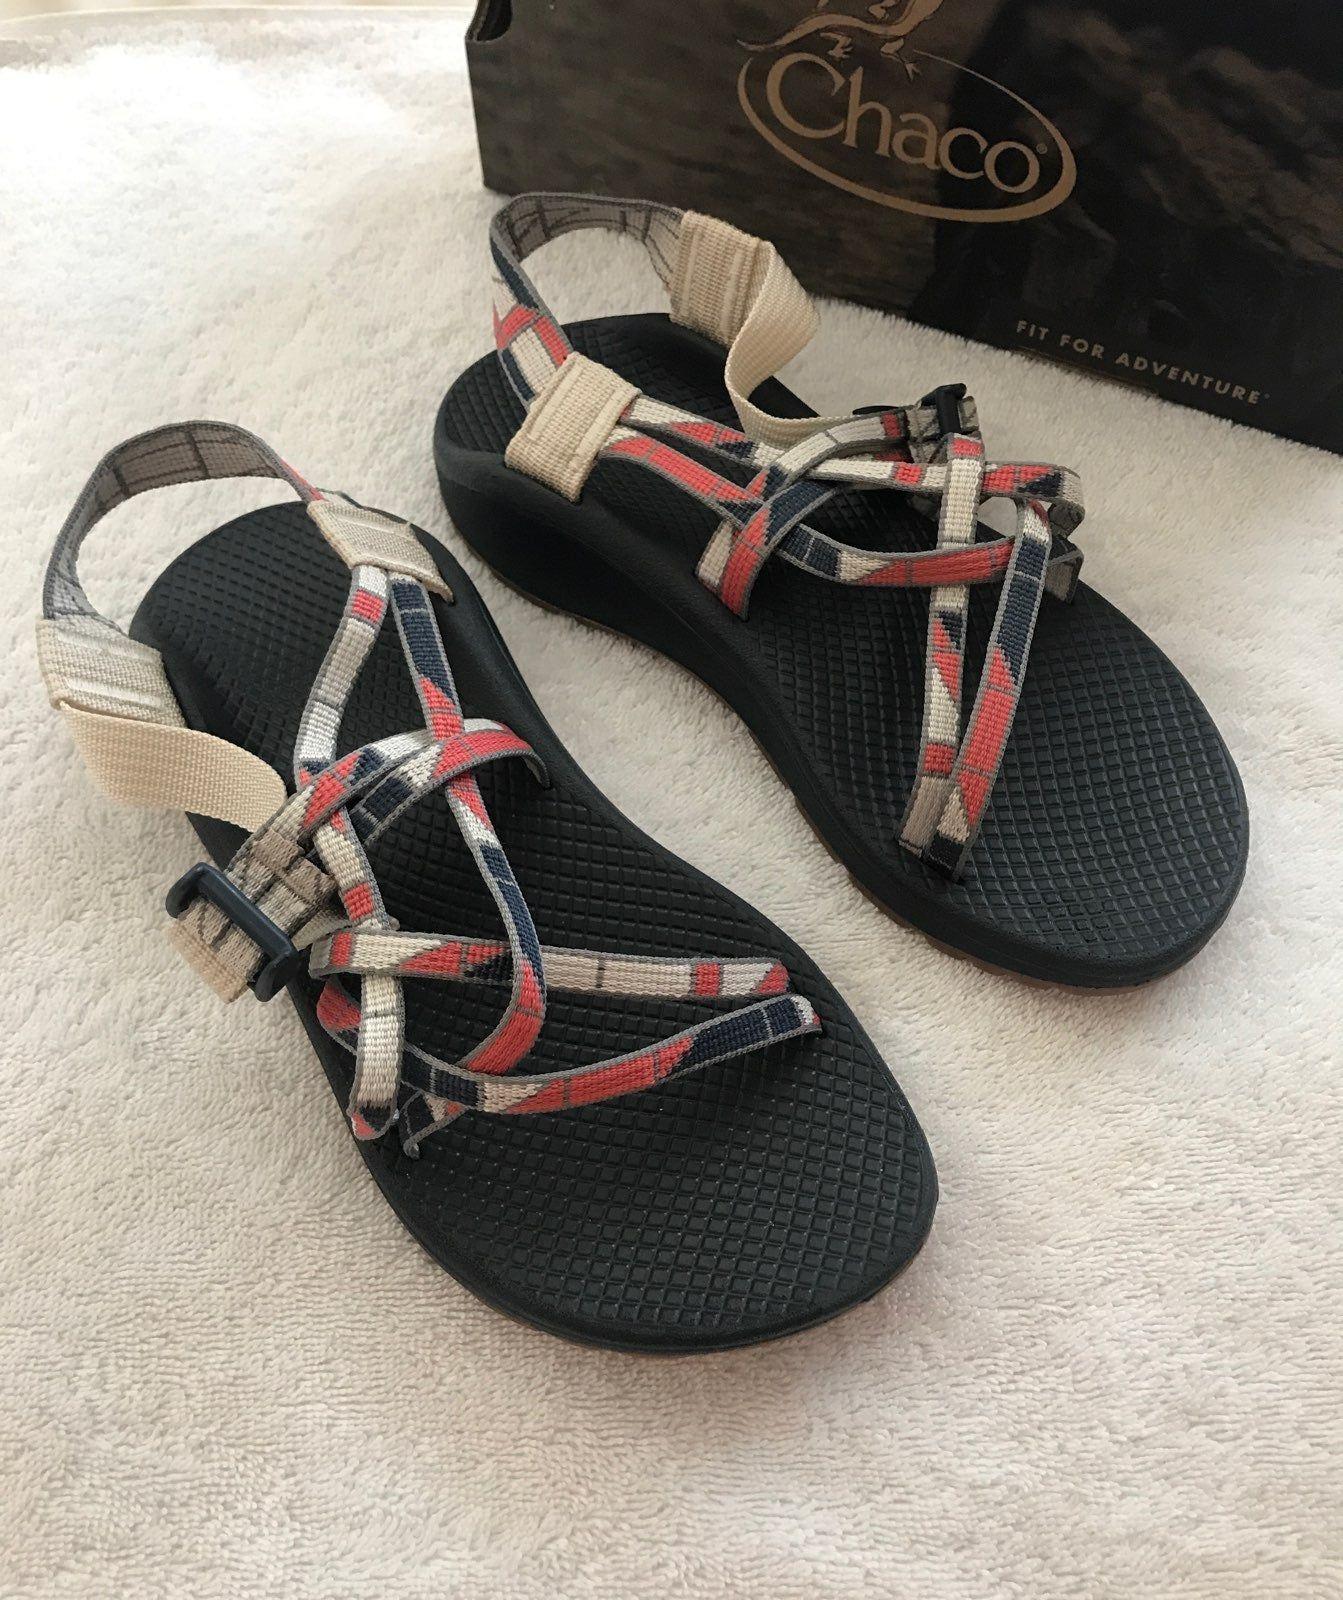 Chaco Zcloud X Women's Sandals Size: 7